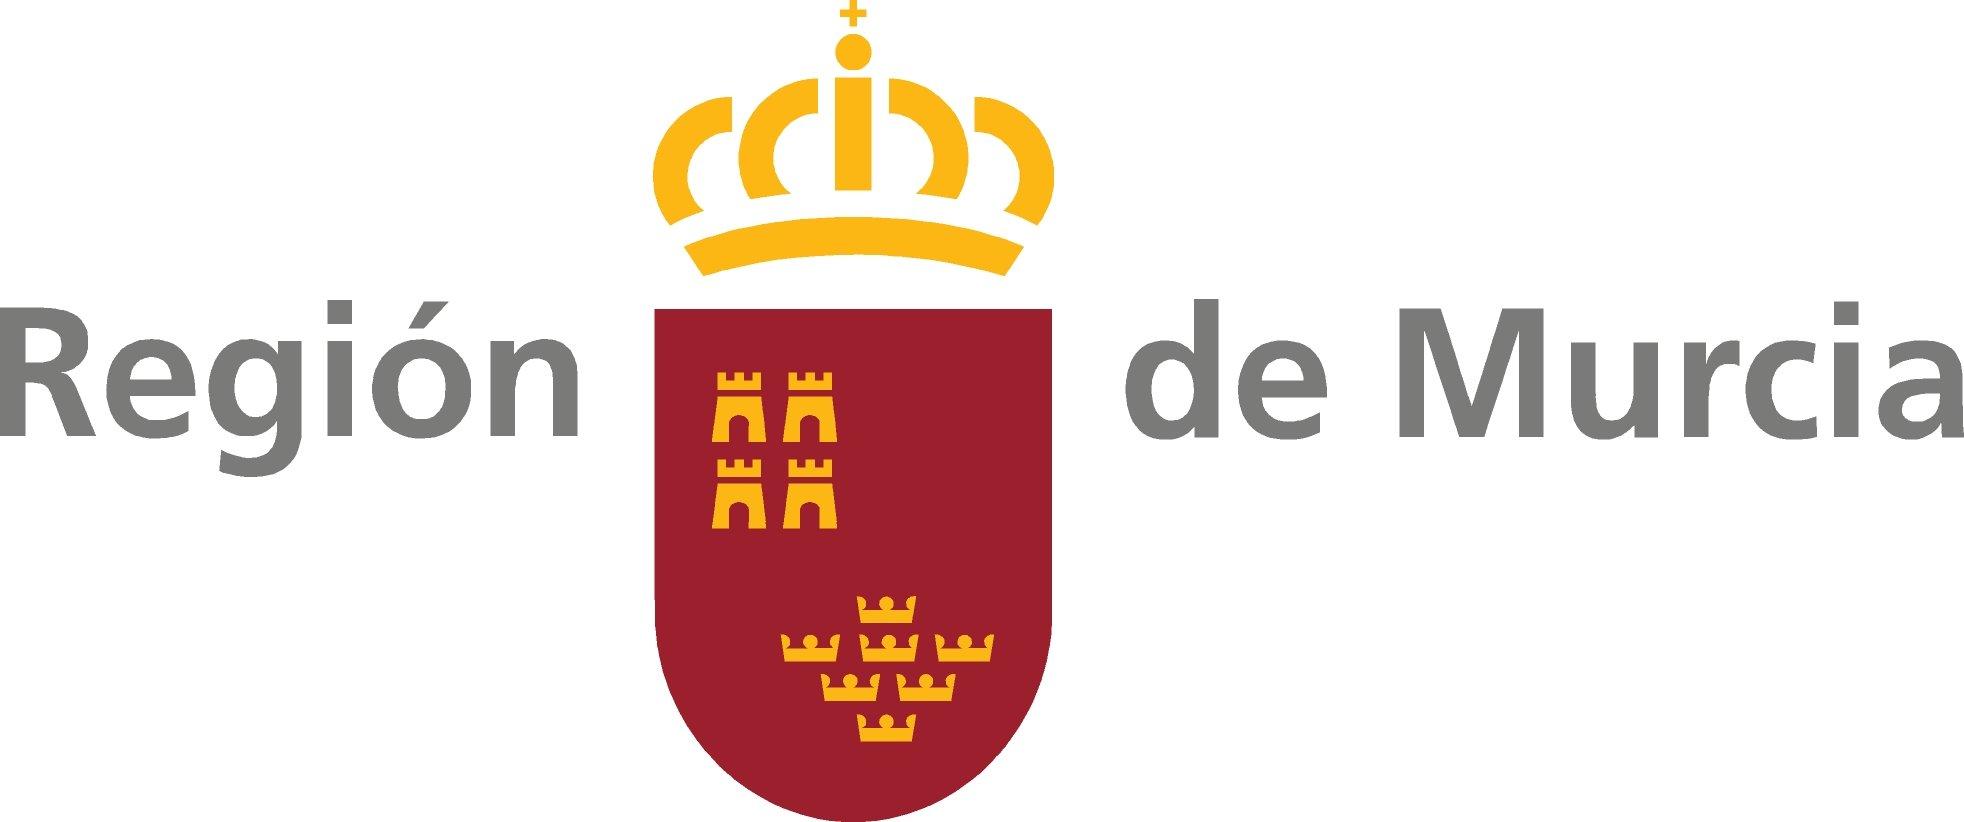 Región de Murcia - Mejora de procesos